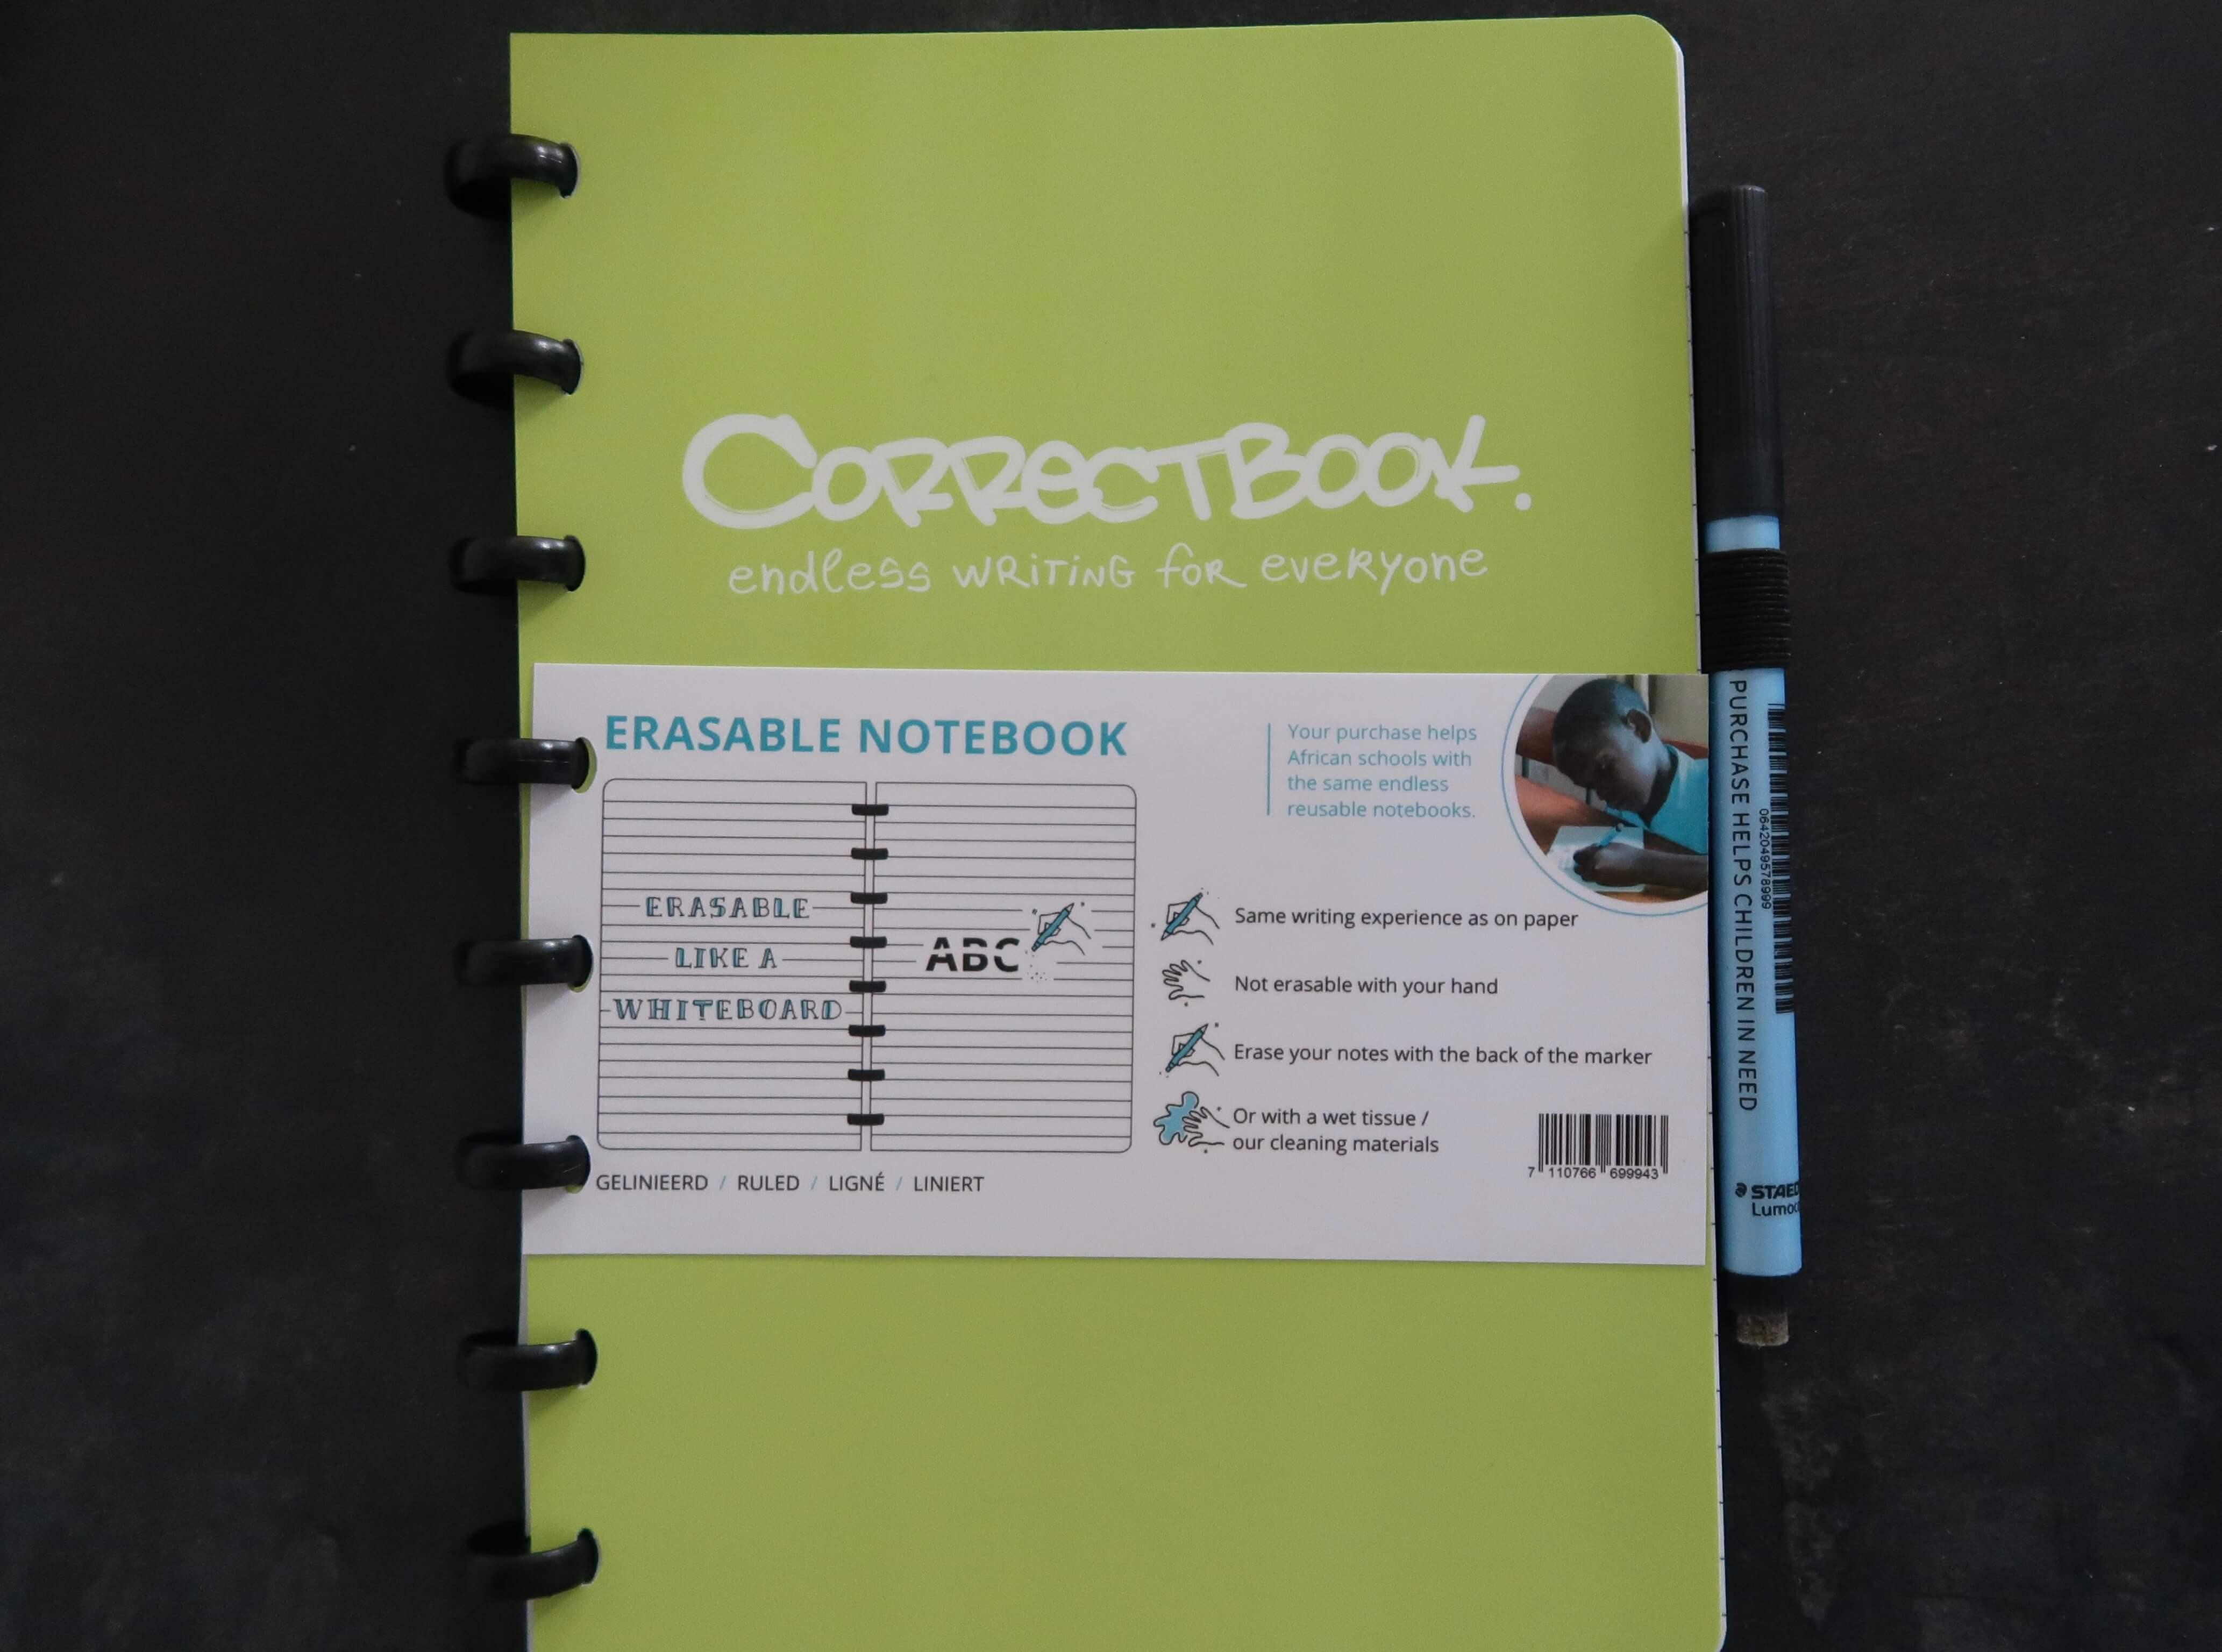 schrijven correctbook